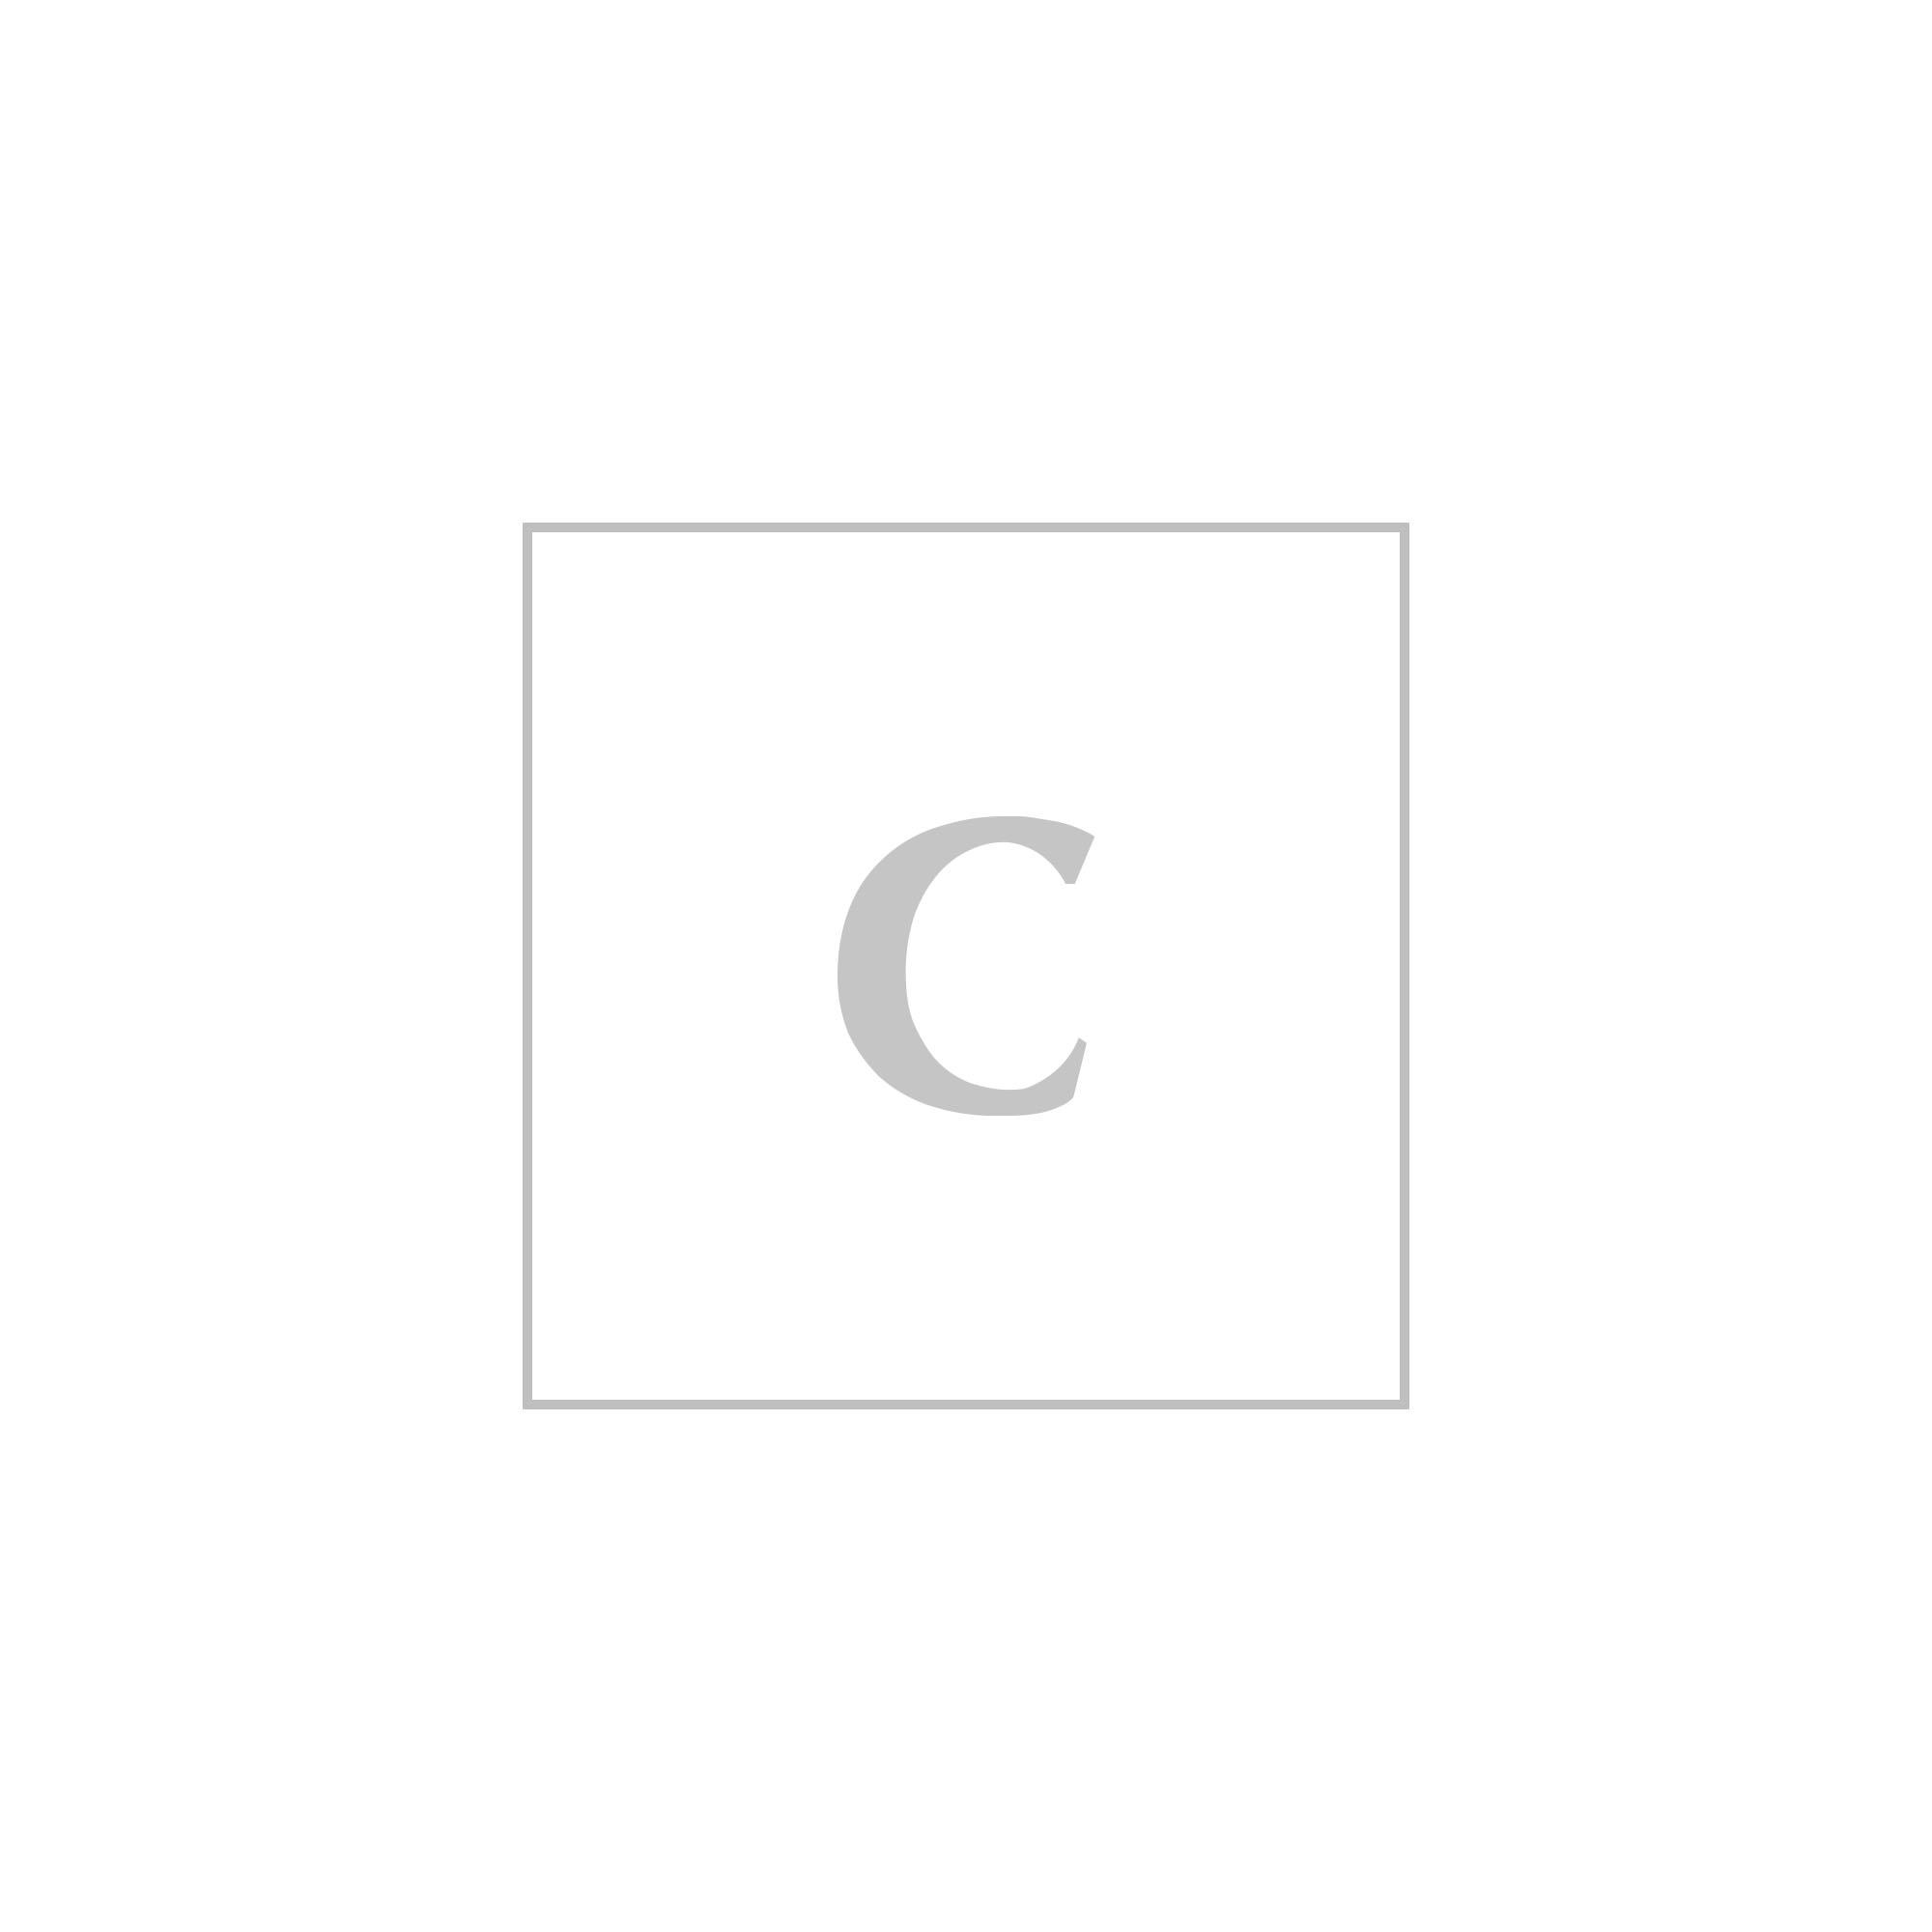 Fendi destroyed logo jeans